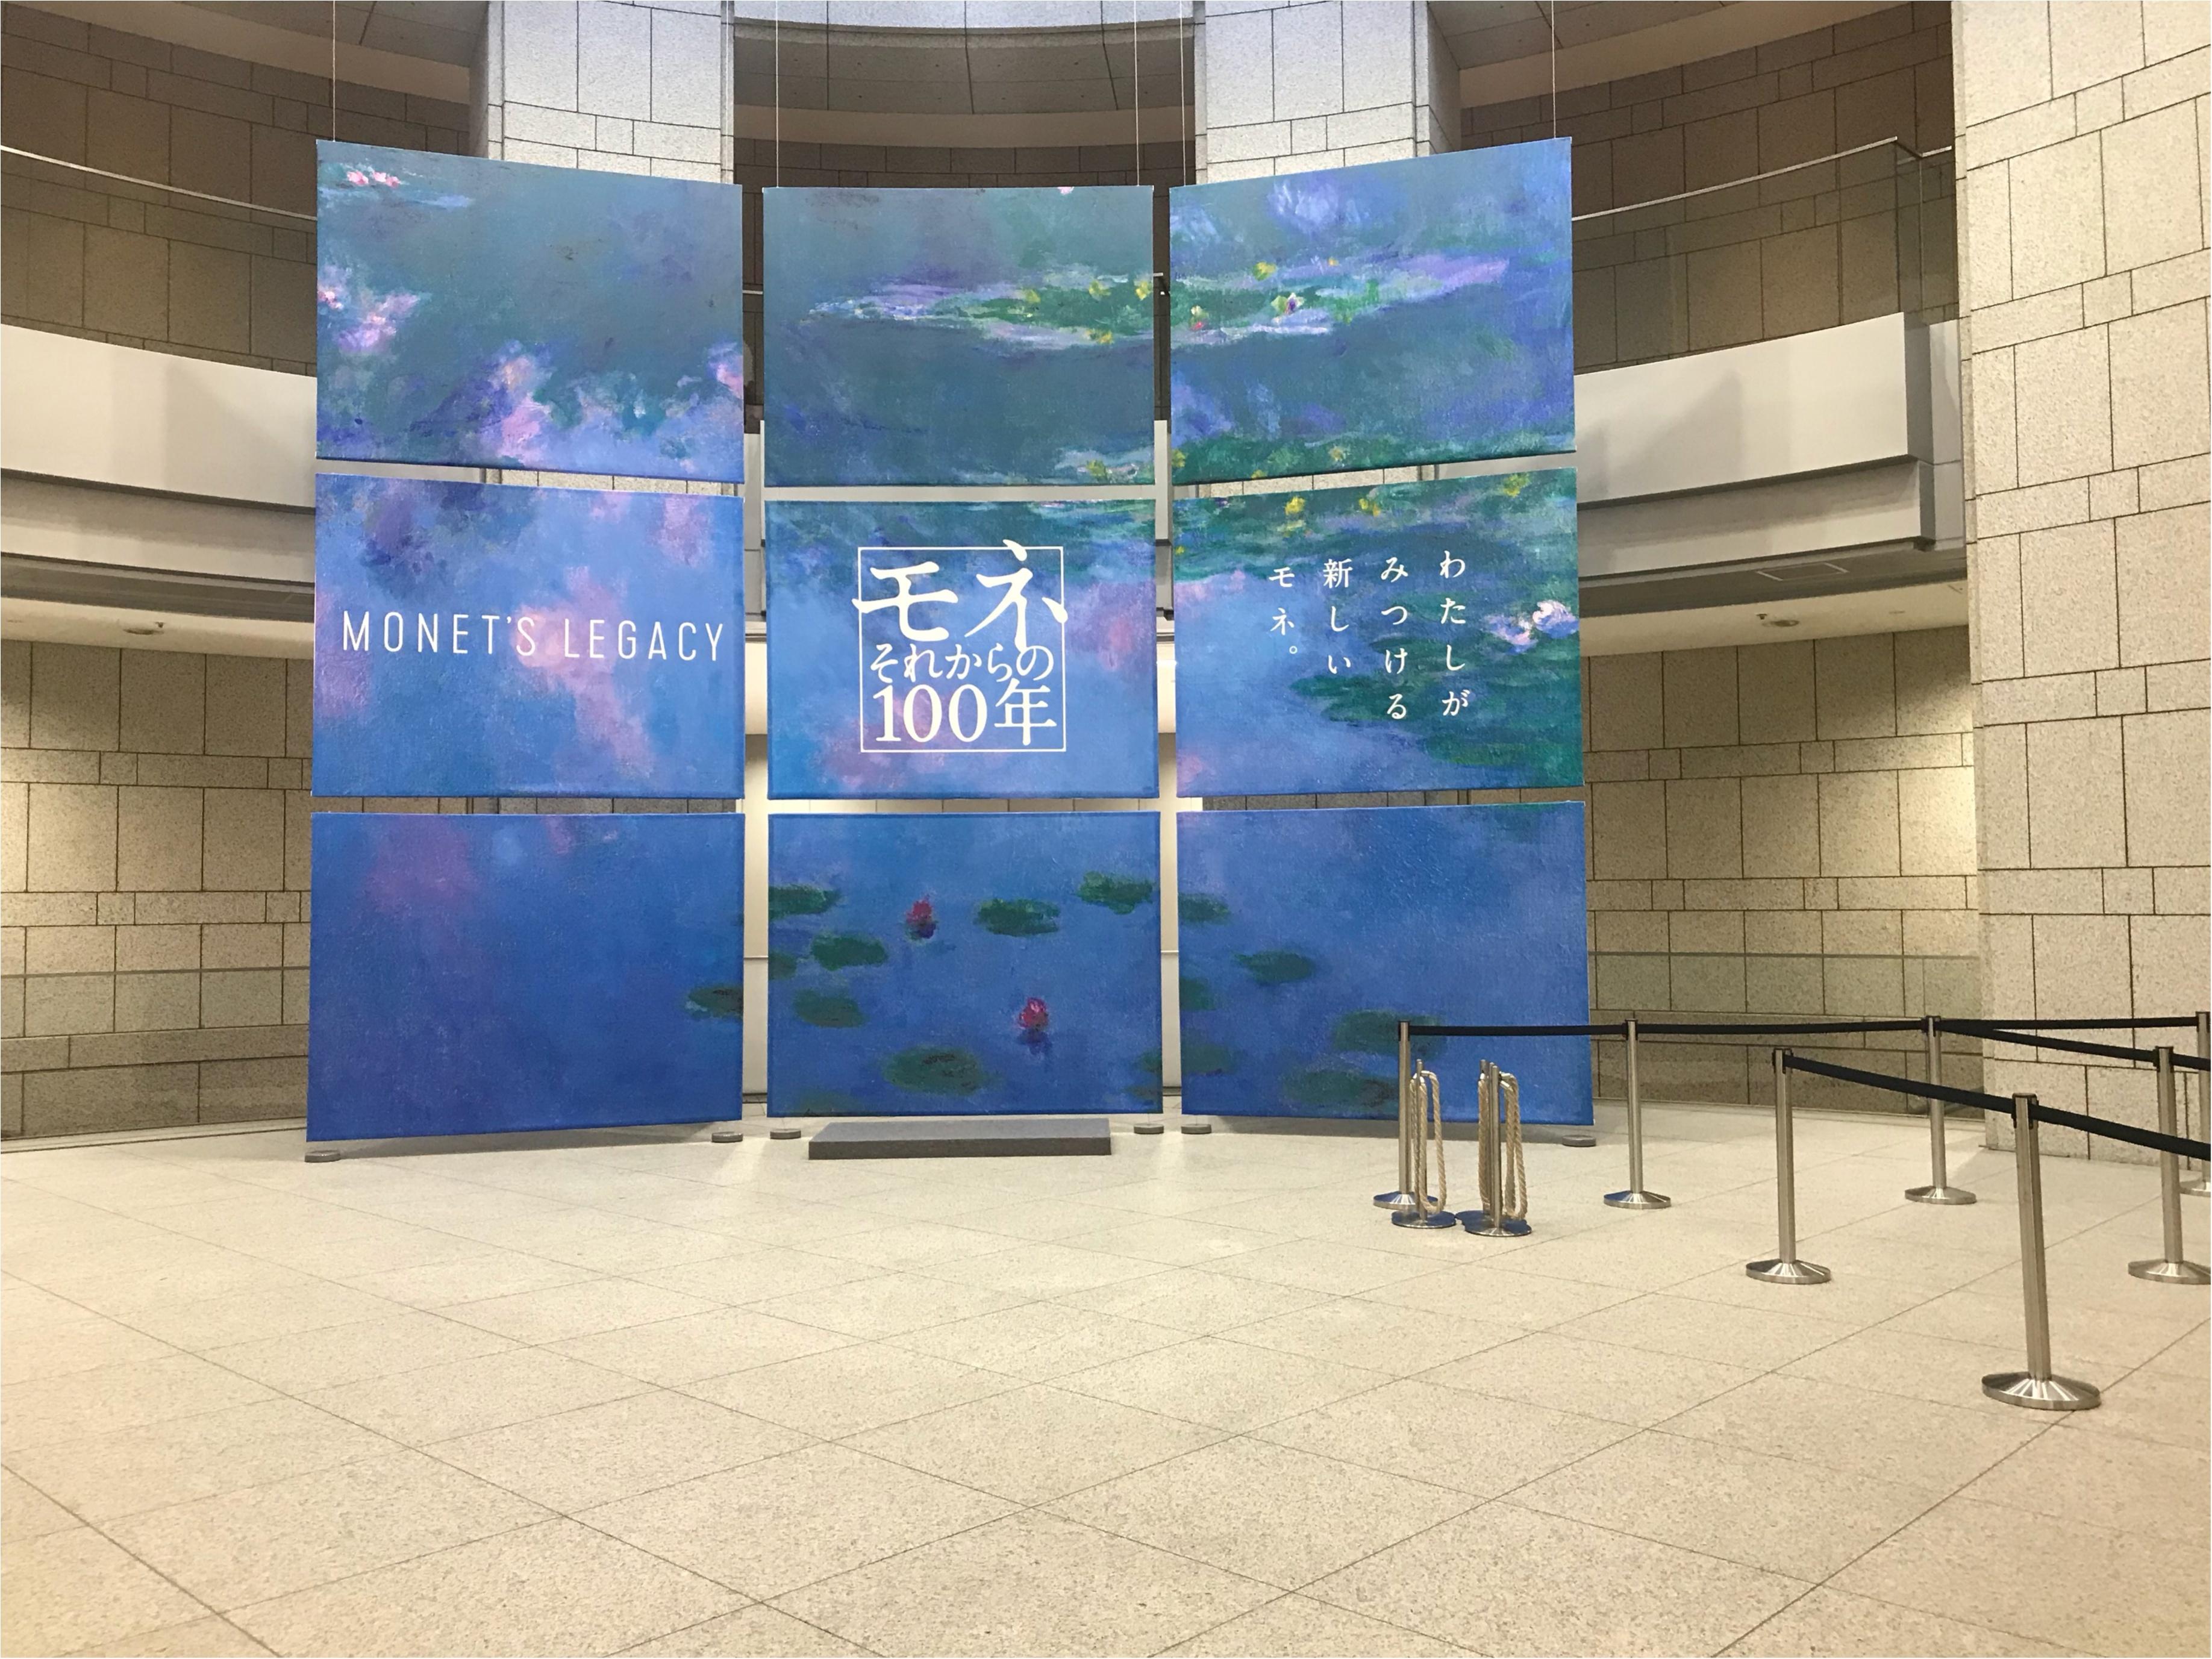 【横浜美術館】夏休みはモネ展へ!クロード・モネのそれからの100年!9月24日(月)まで!_1